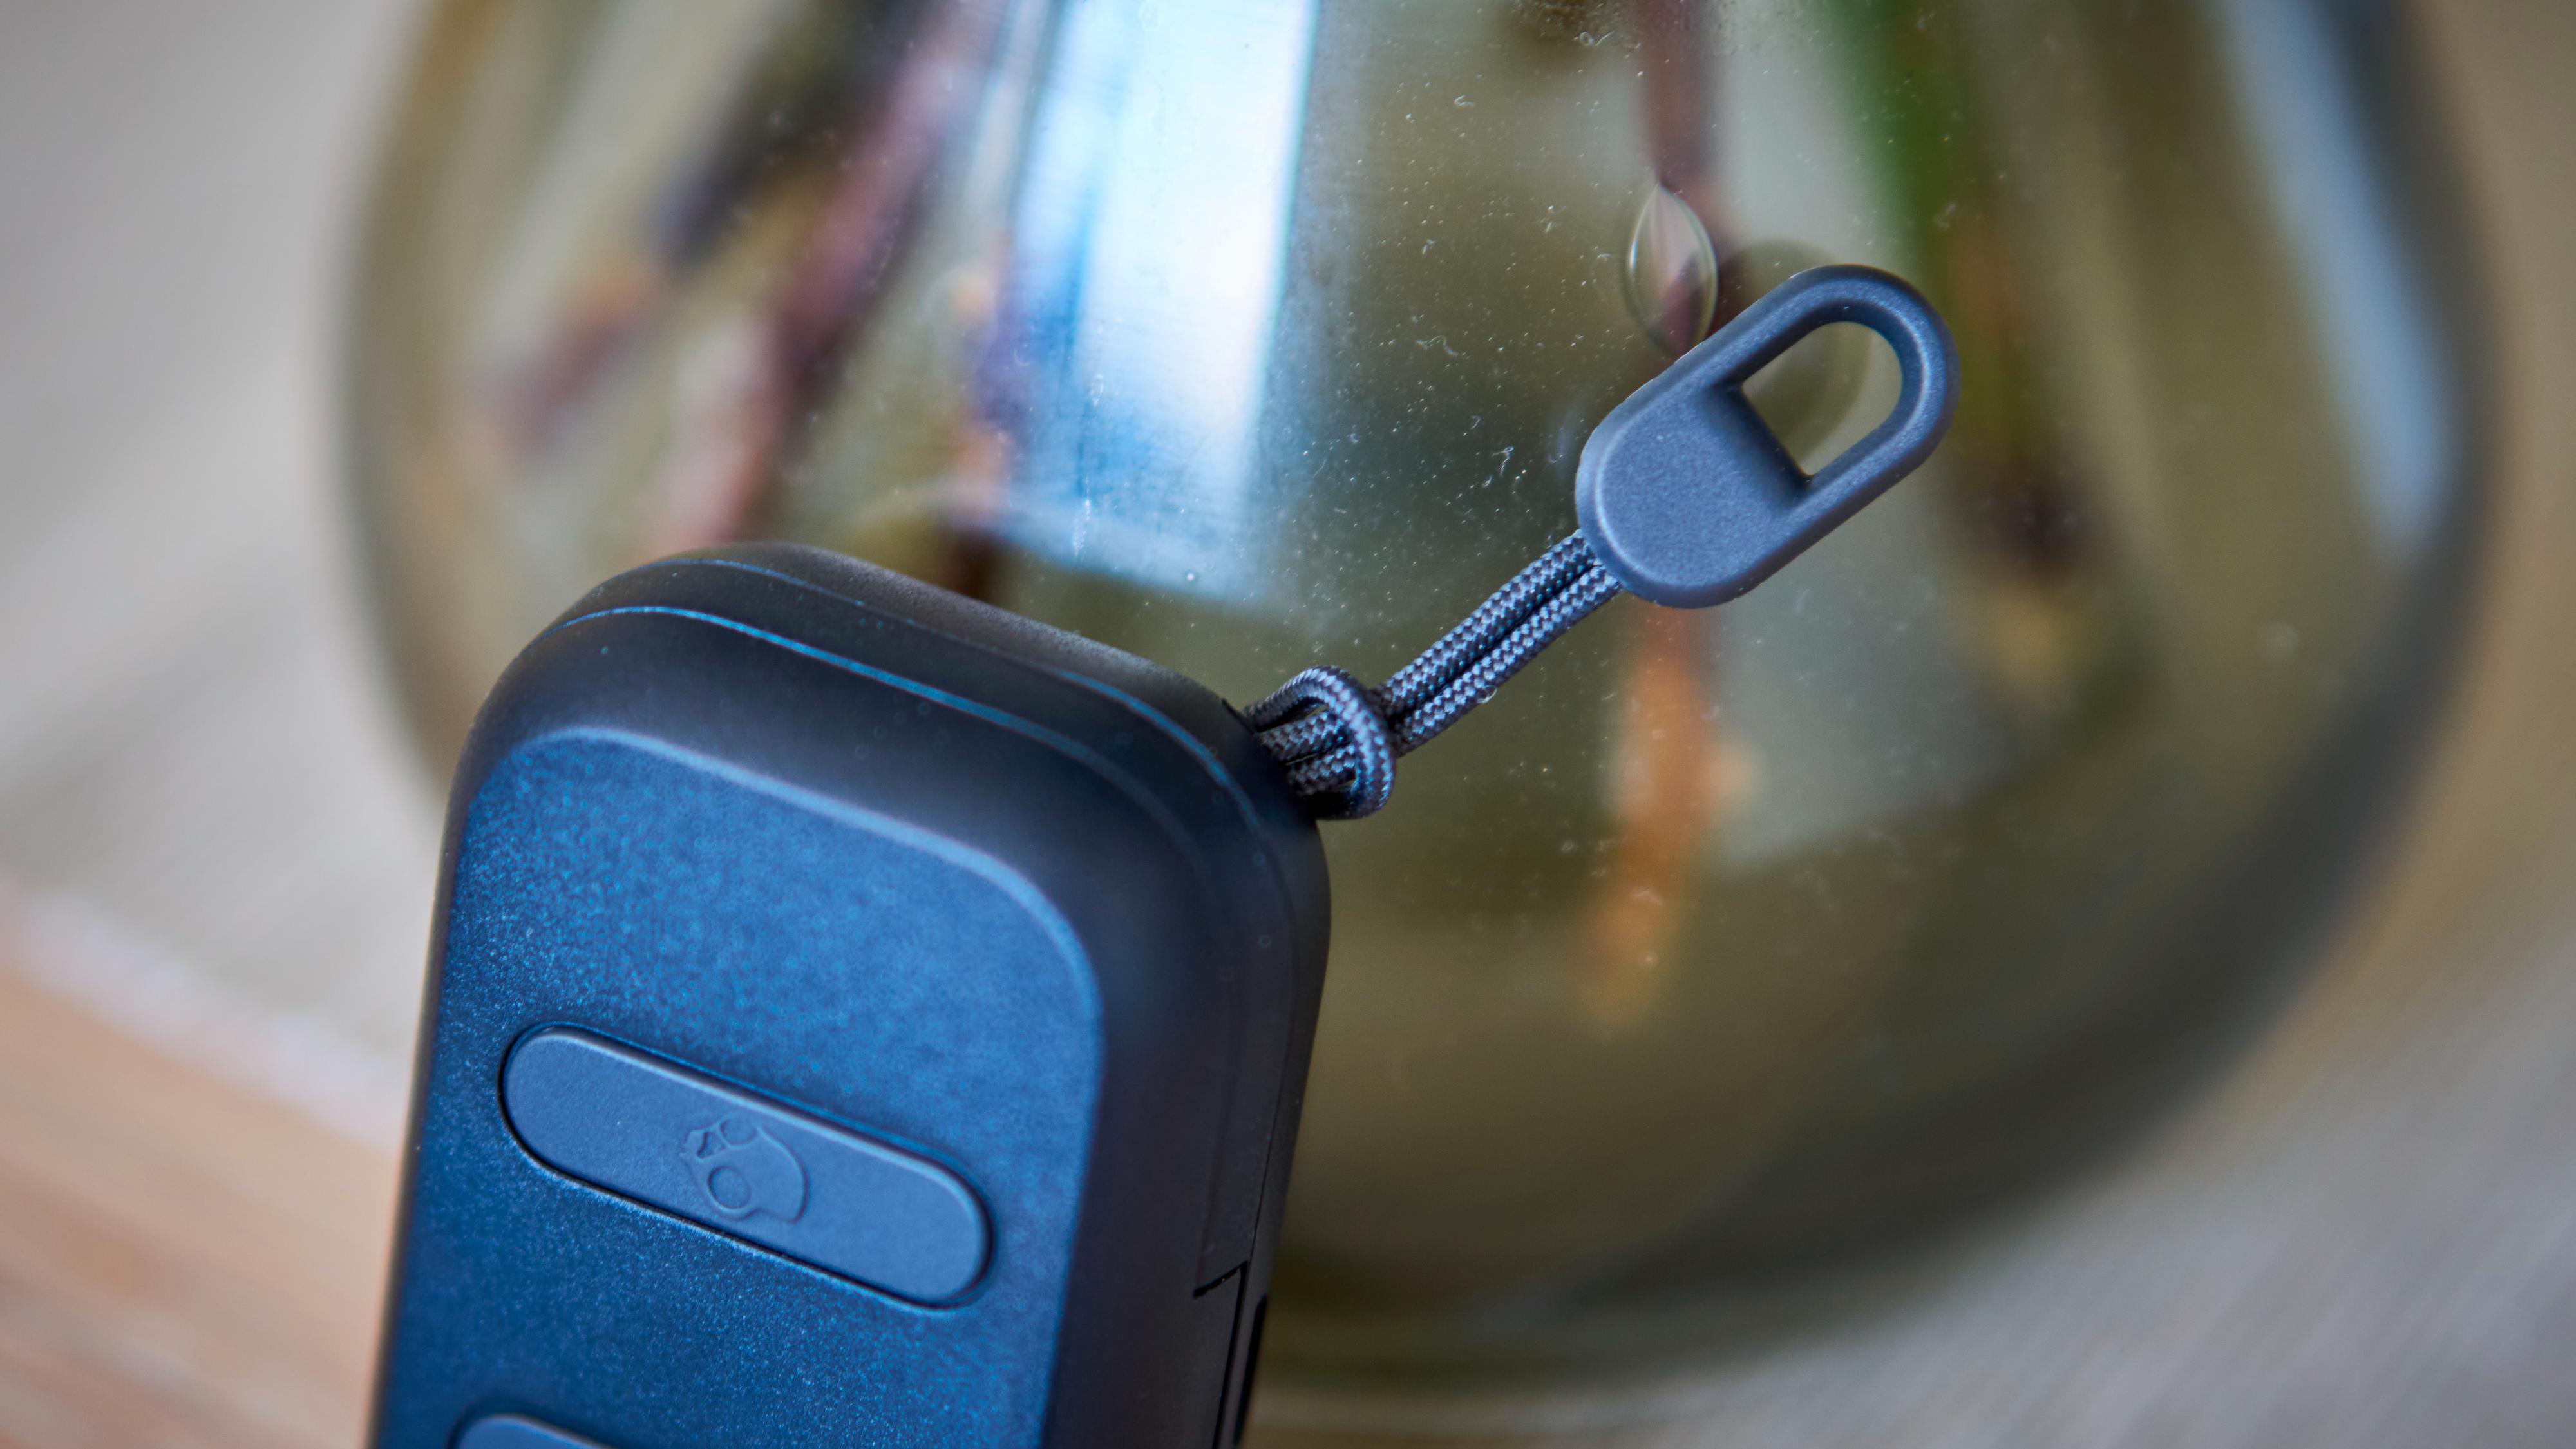 Det er et festepunkt for nøkkelknipper eller lignende på etuiet.